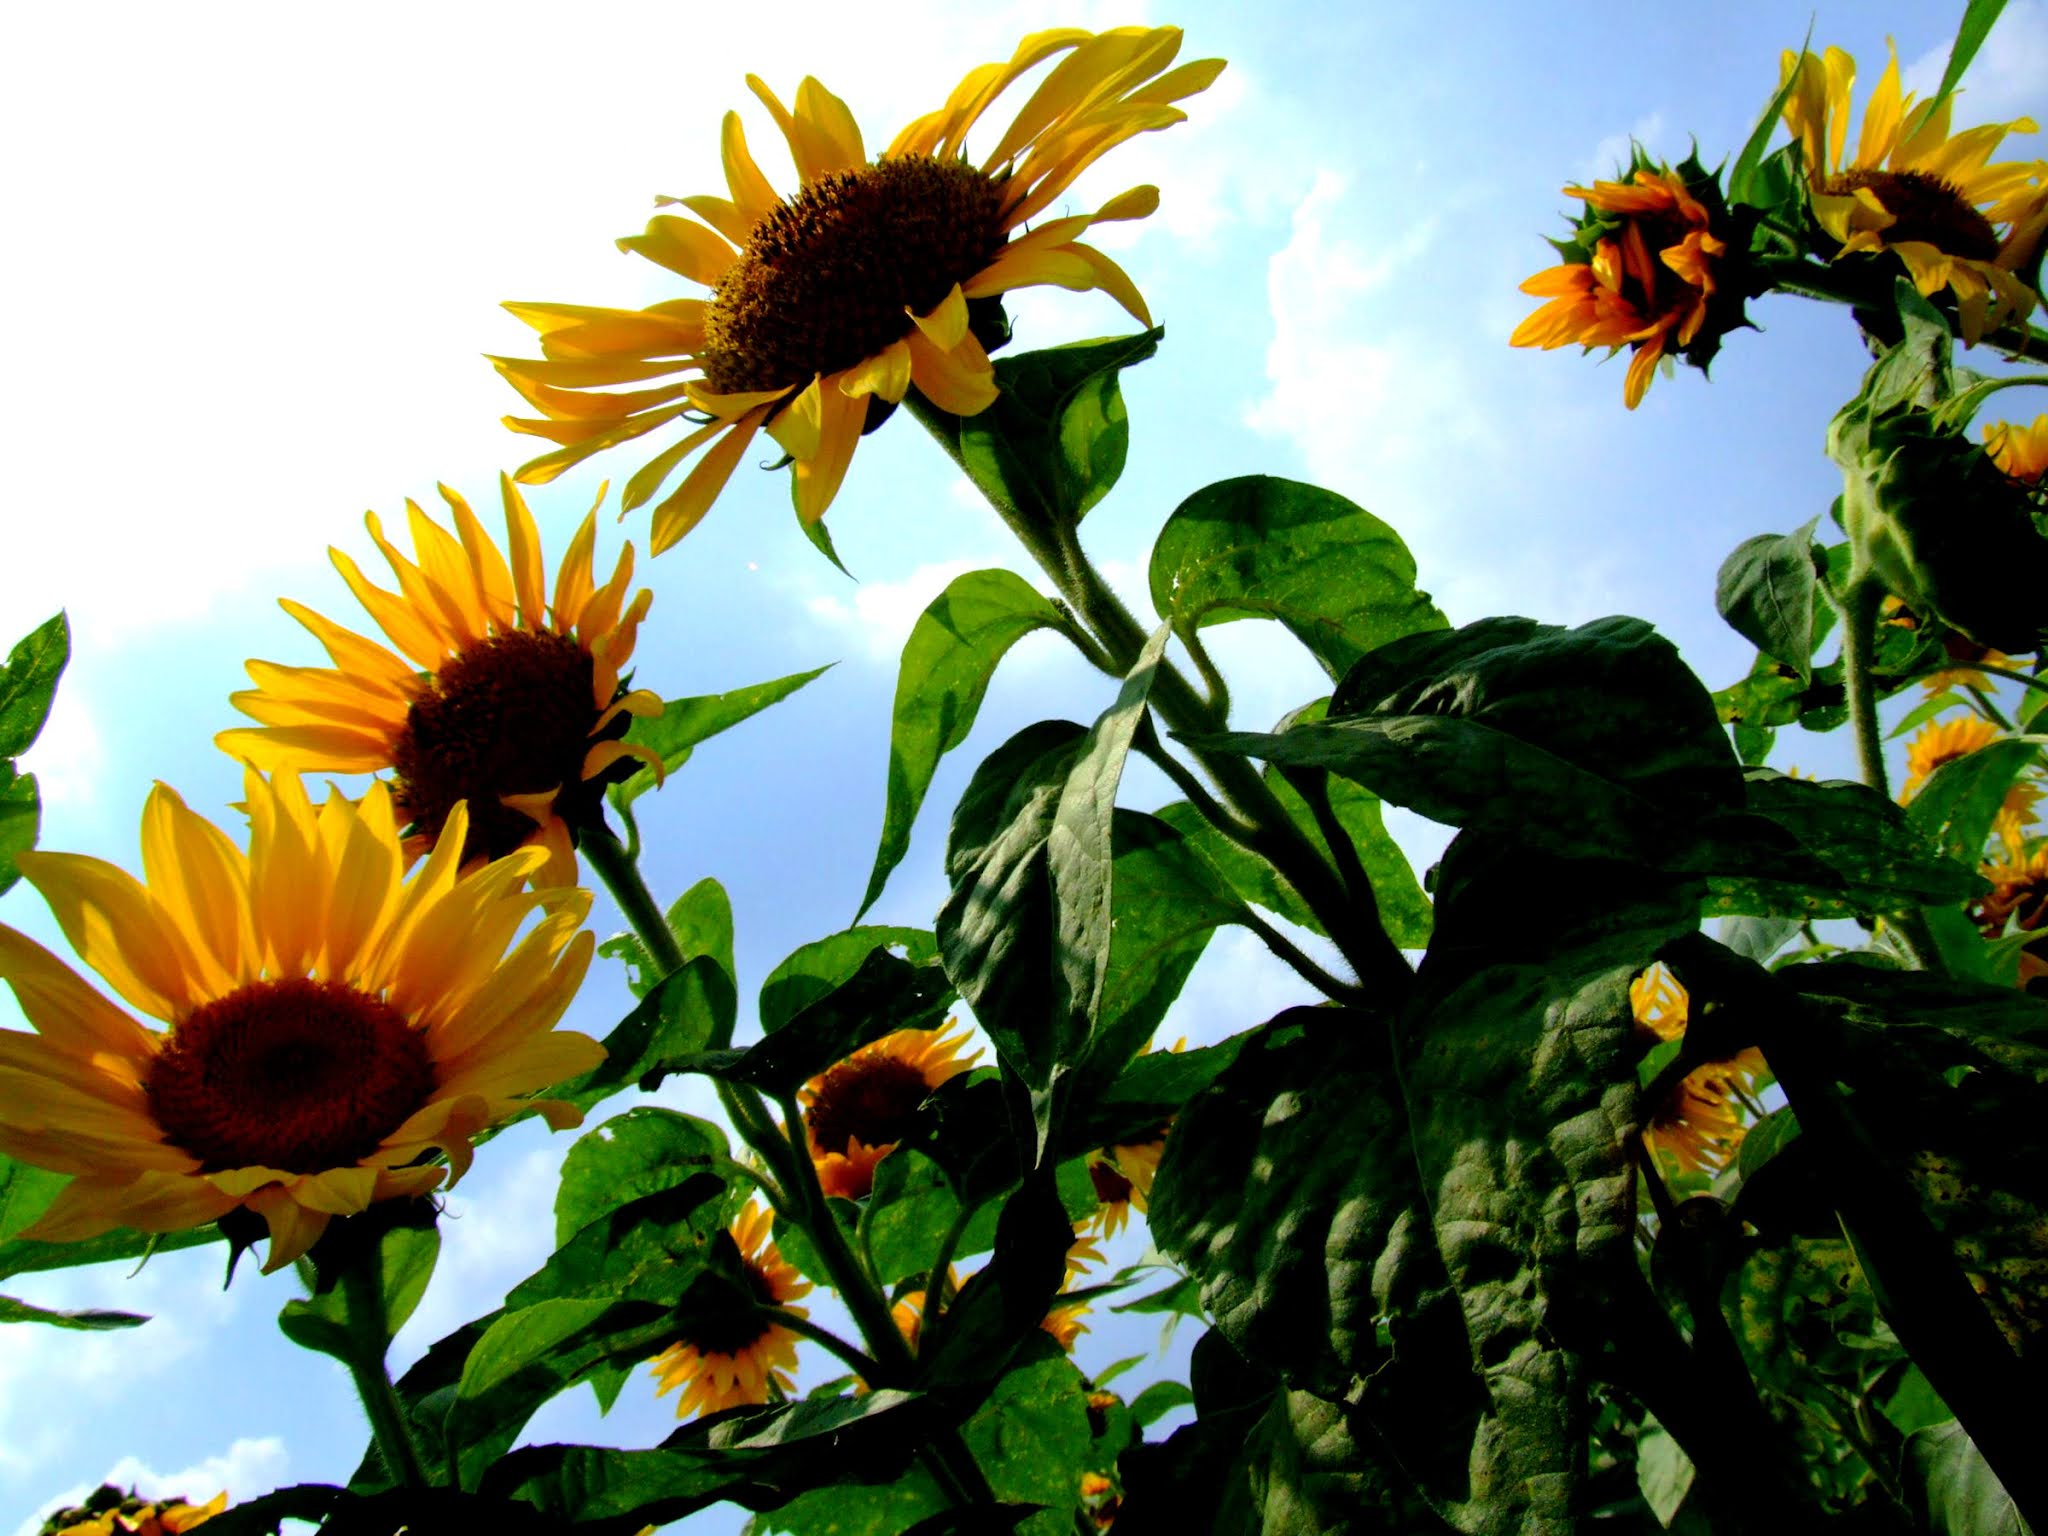 青空 黄色い向日葵(ヒマワリ) ひまわり写真素材